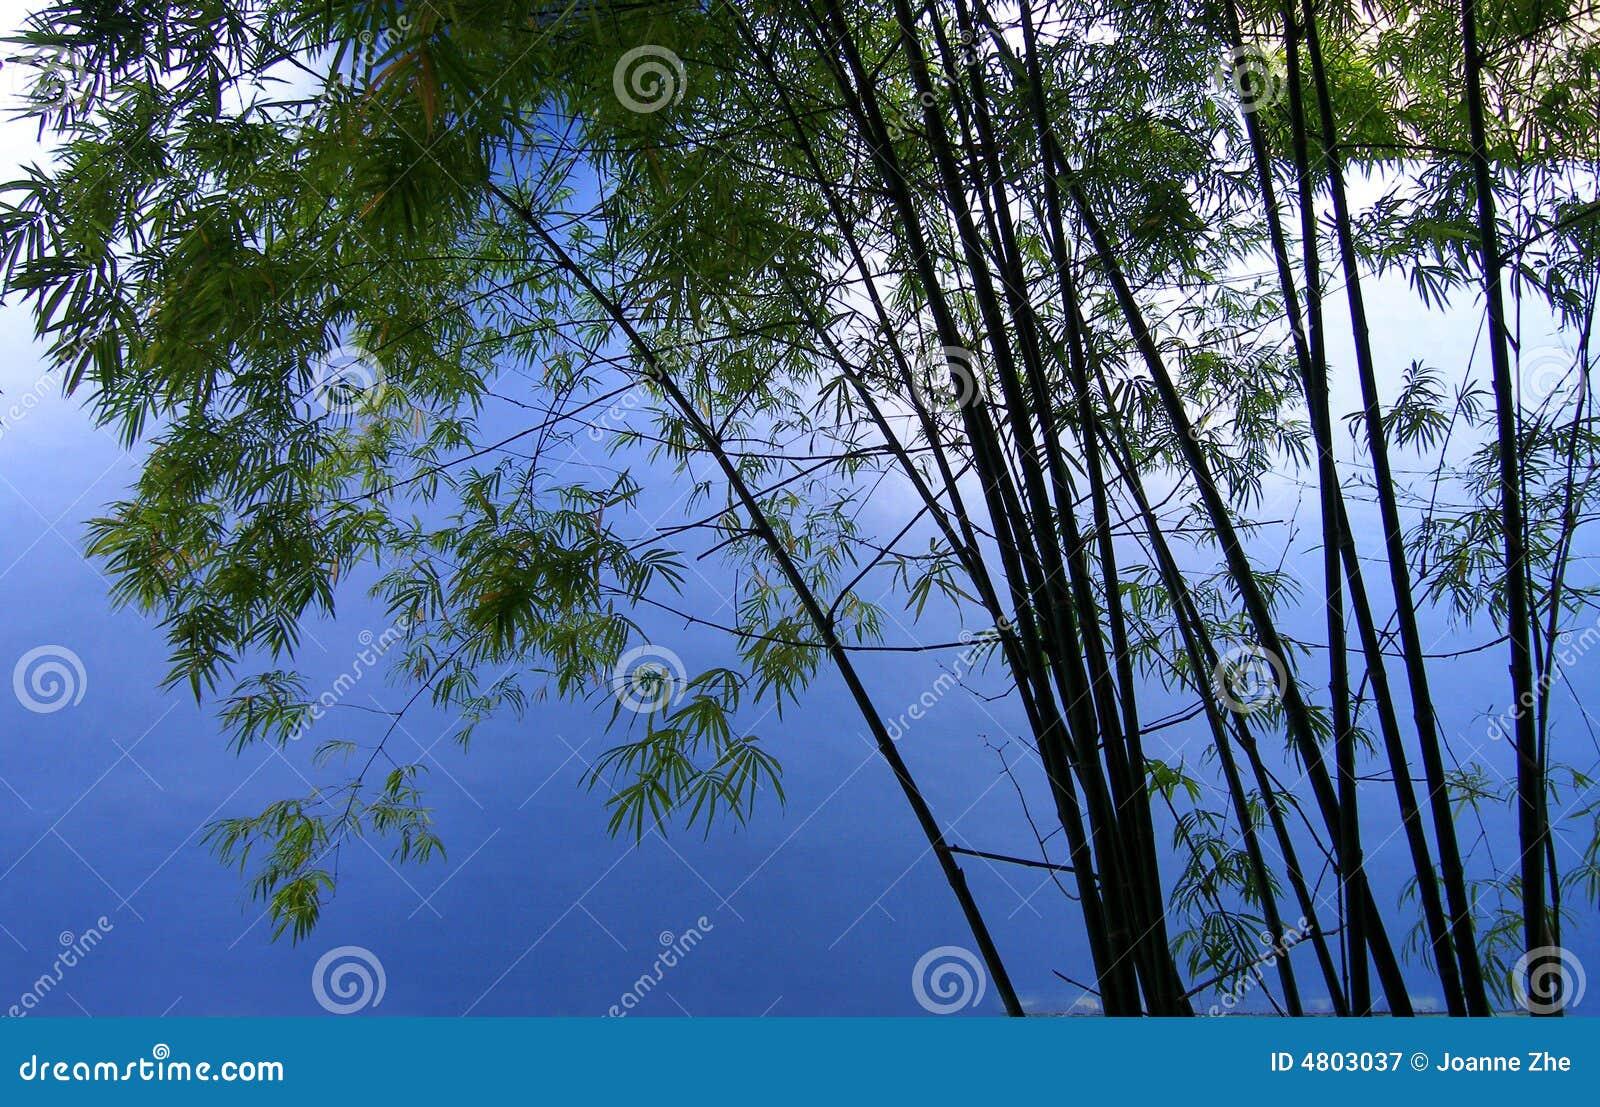 Árvores de bambu no bosque